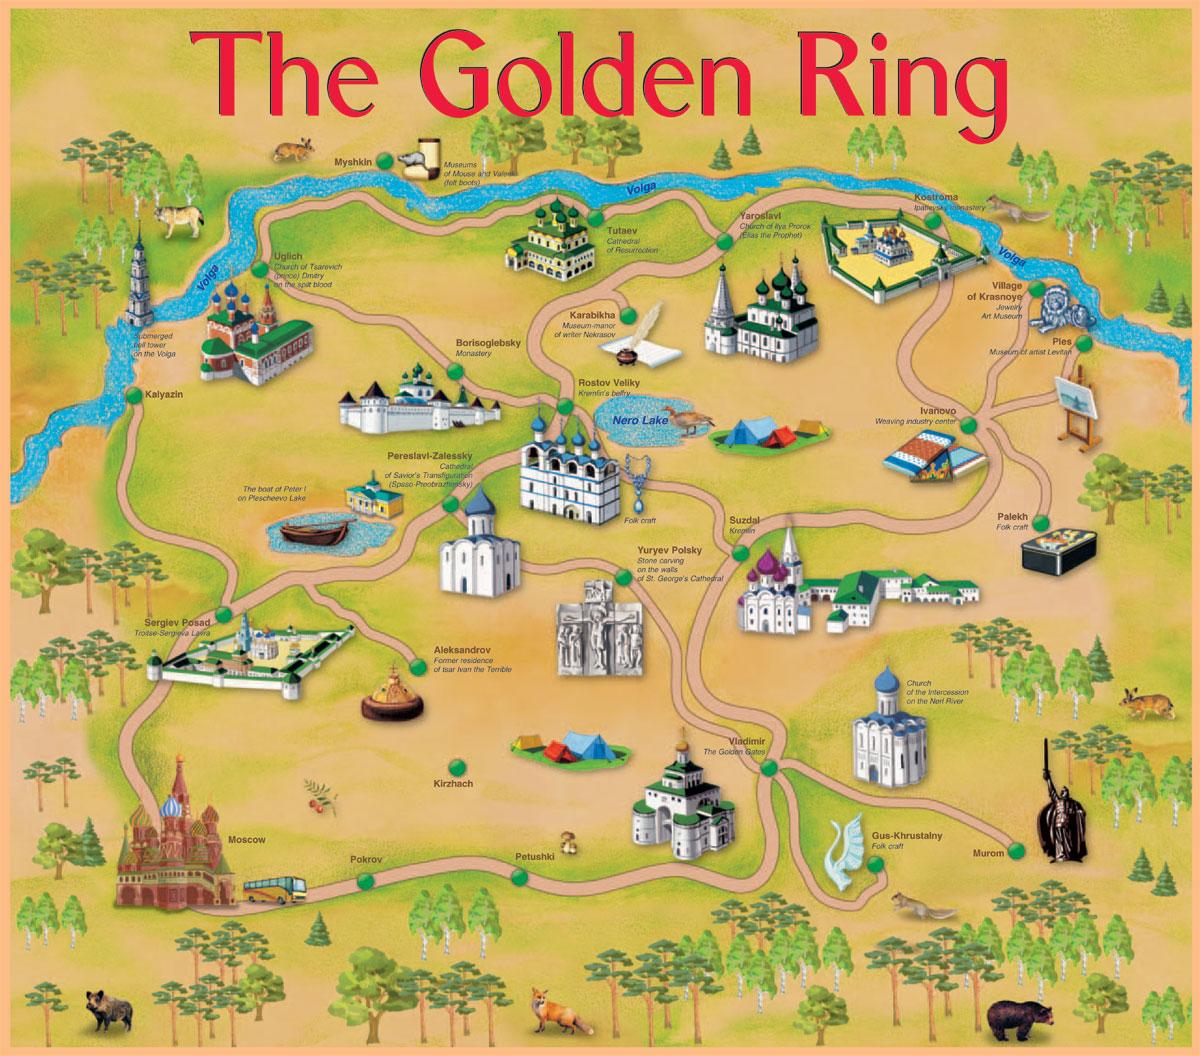 map_golden_ring.jpg